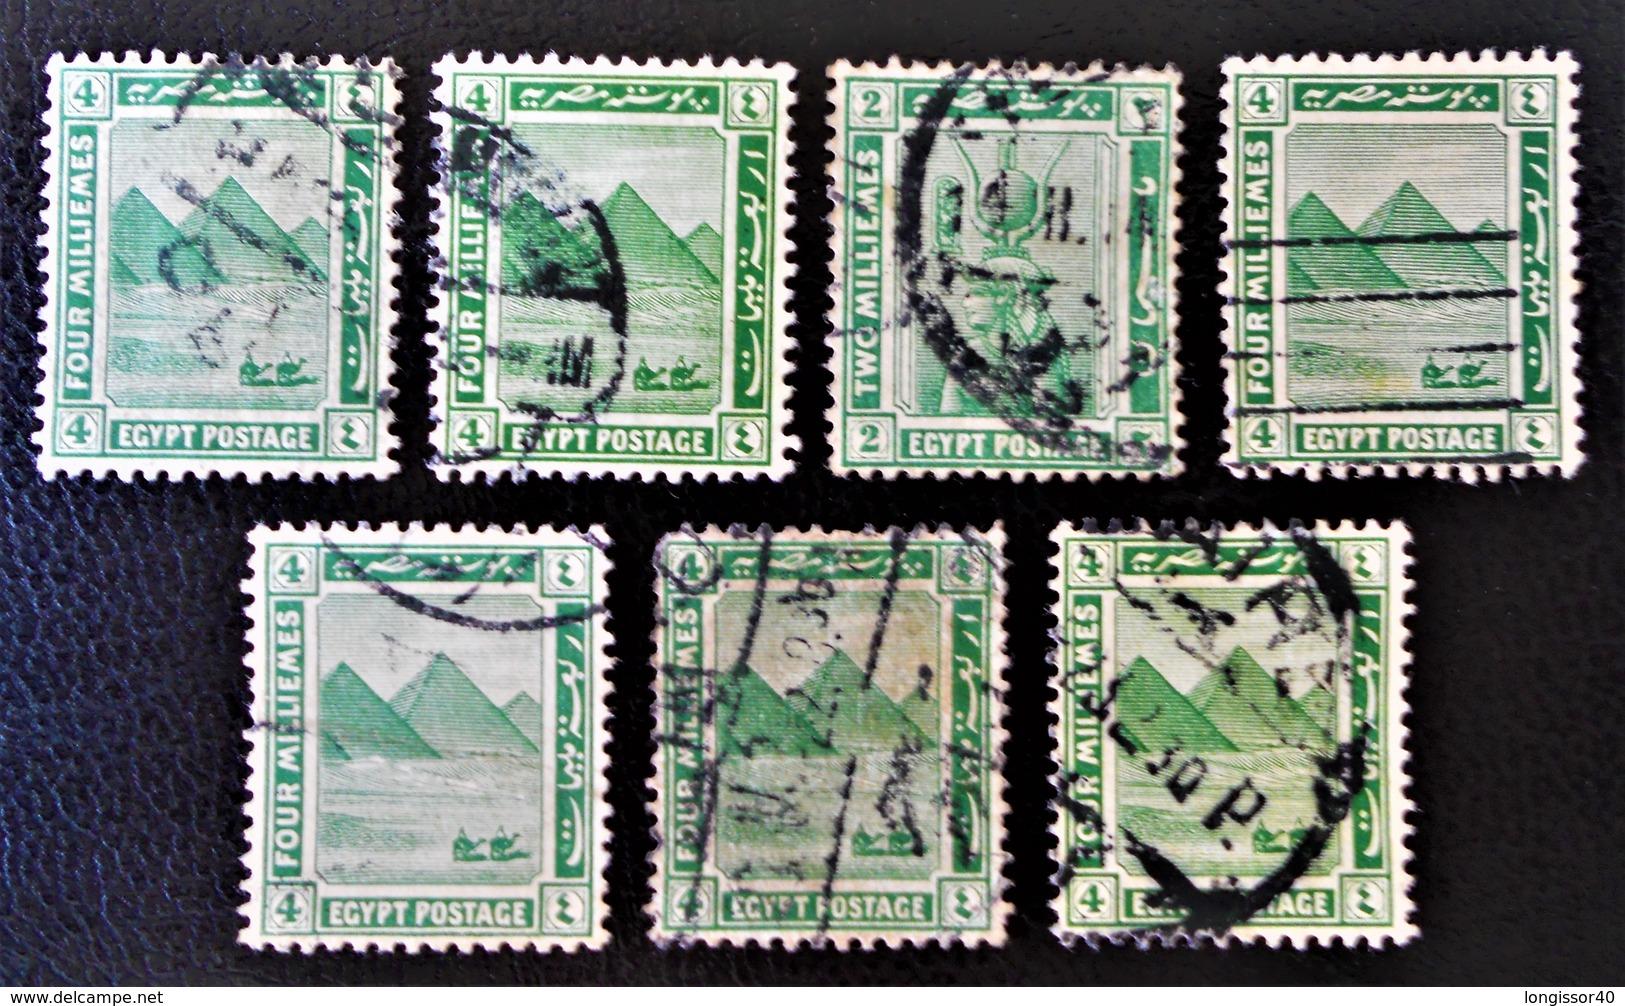 PROTECTORAT BRITANNIQUE - PYRAMIDE DE GIZEH 1922 - NEUF ** - YT 59 - VARIETES DE TEINTES ET D'OBLITERATIONS - Égypte